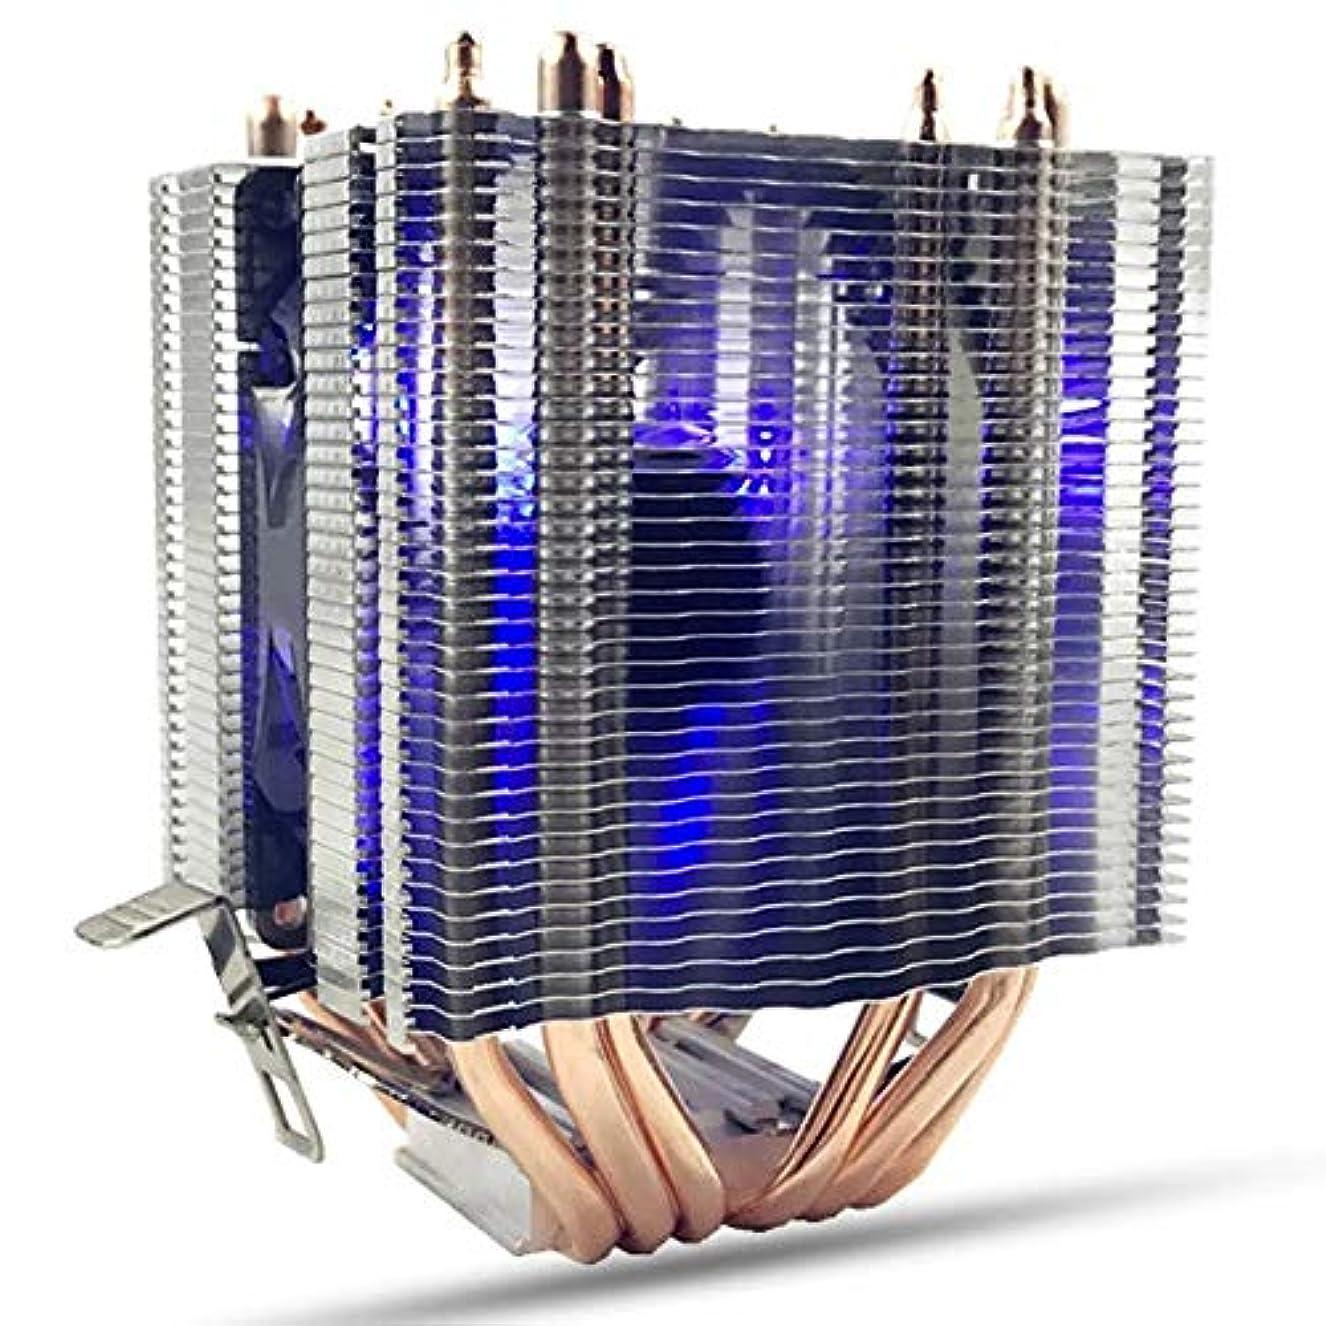 表面ジョージスティーブンソン高尚なPCケースファン インテルLAG 1155 1156 AMDソケットAM3 / AM2とファンクーラーヒートシンク互換冷却6本のヒートパイプブルーLED CPU コンピュータケースファン (Color : Gold, Size : One size)